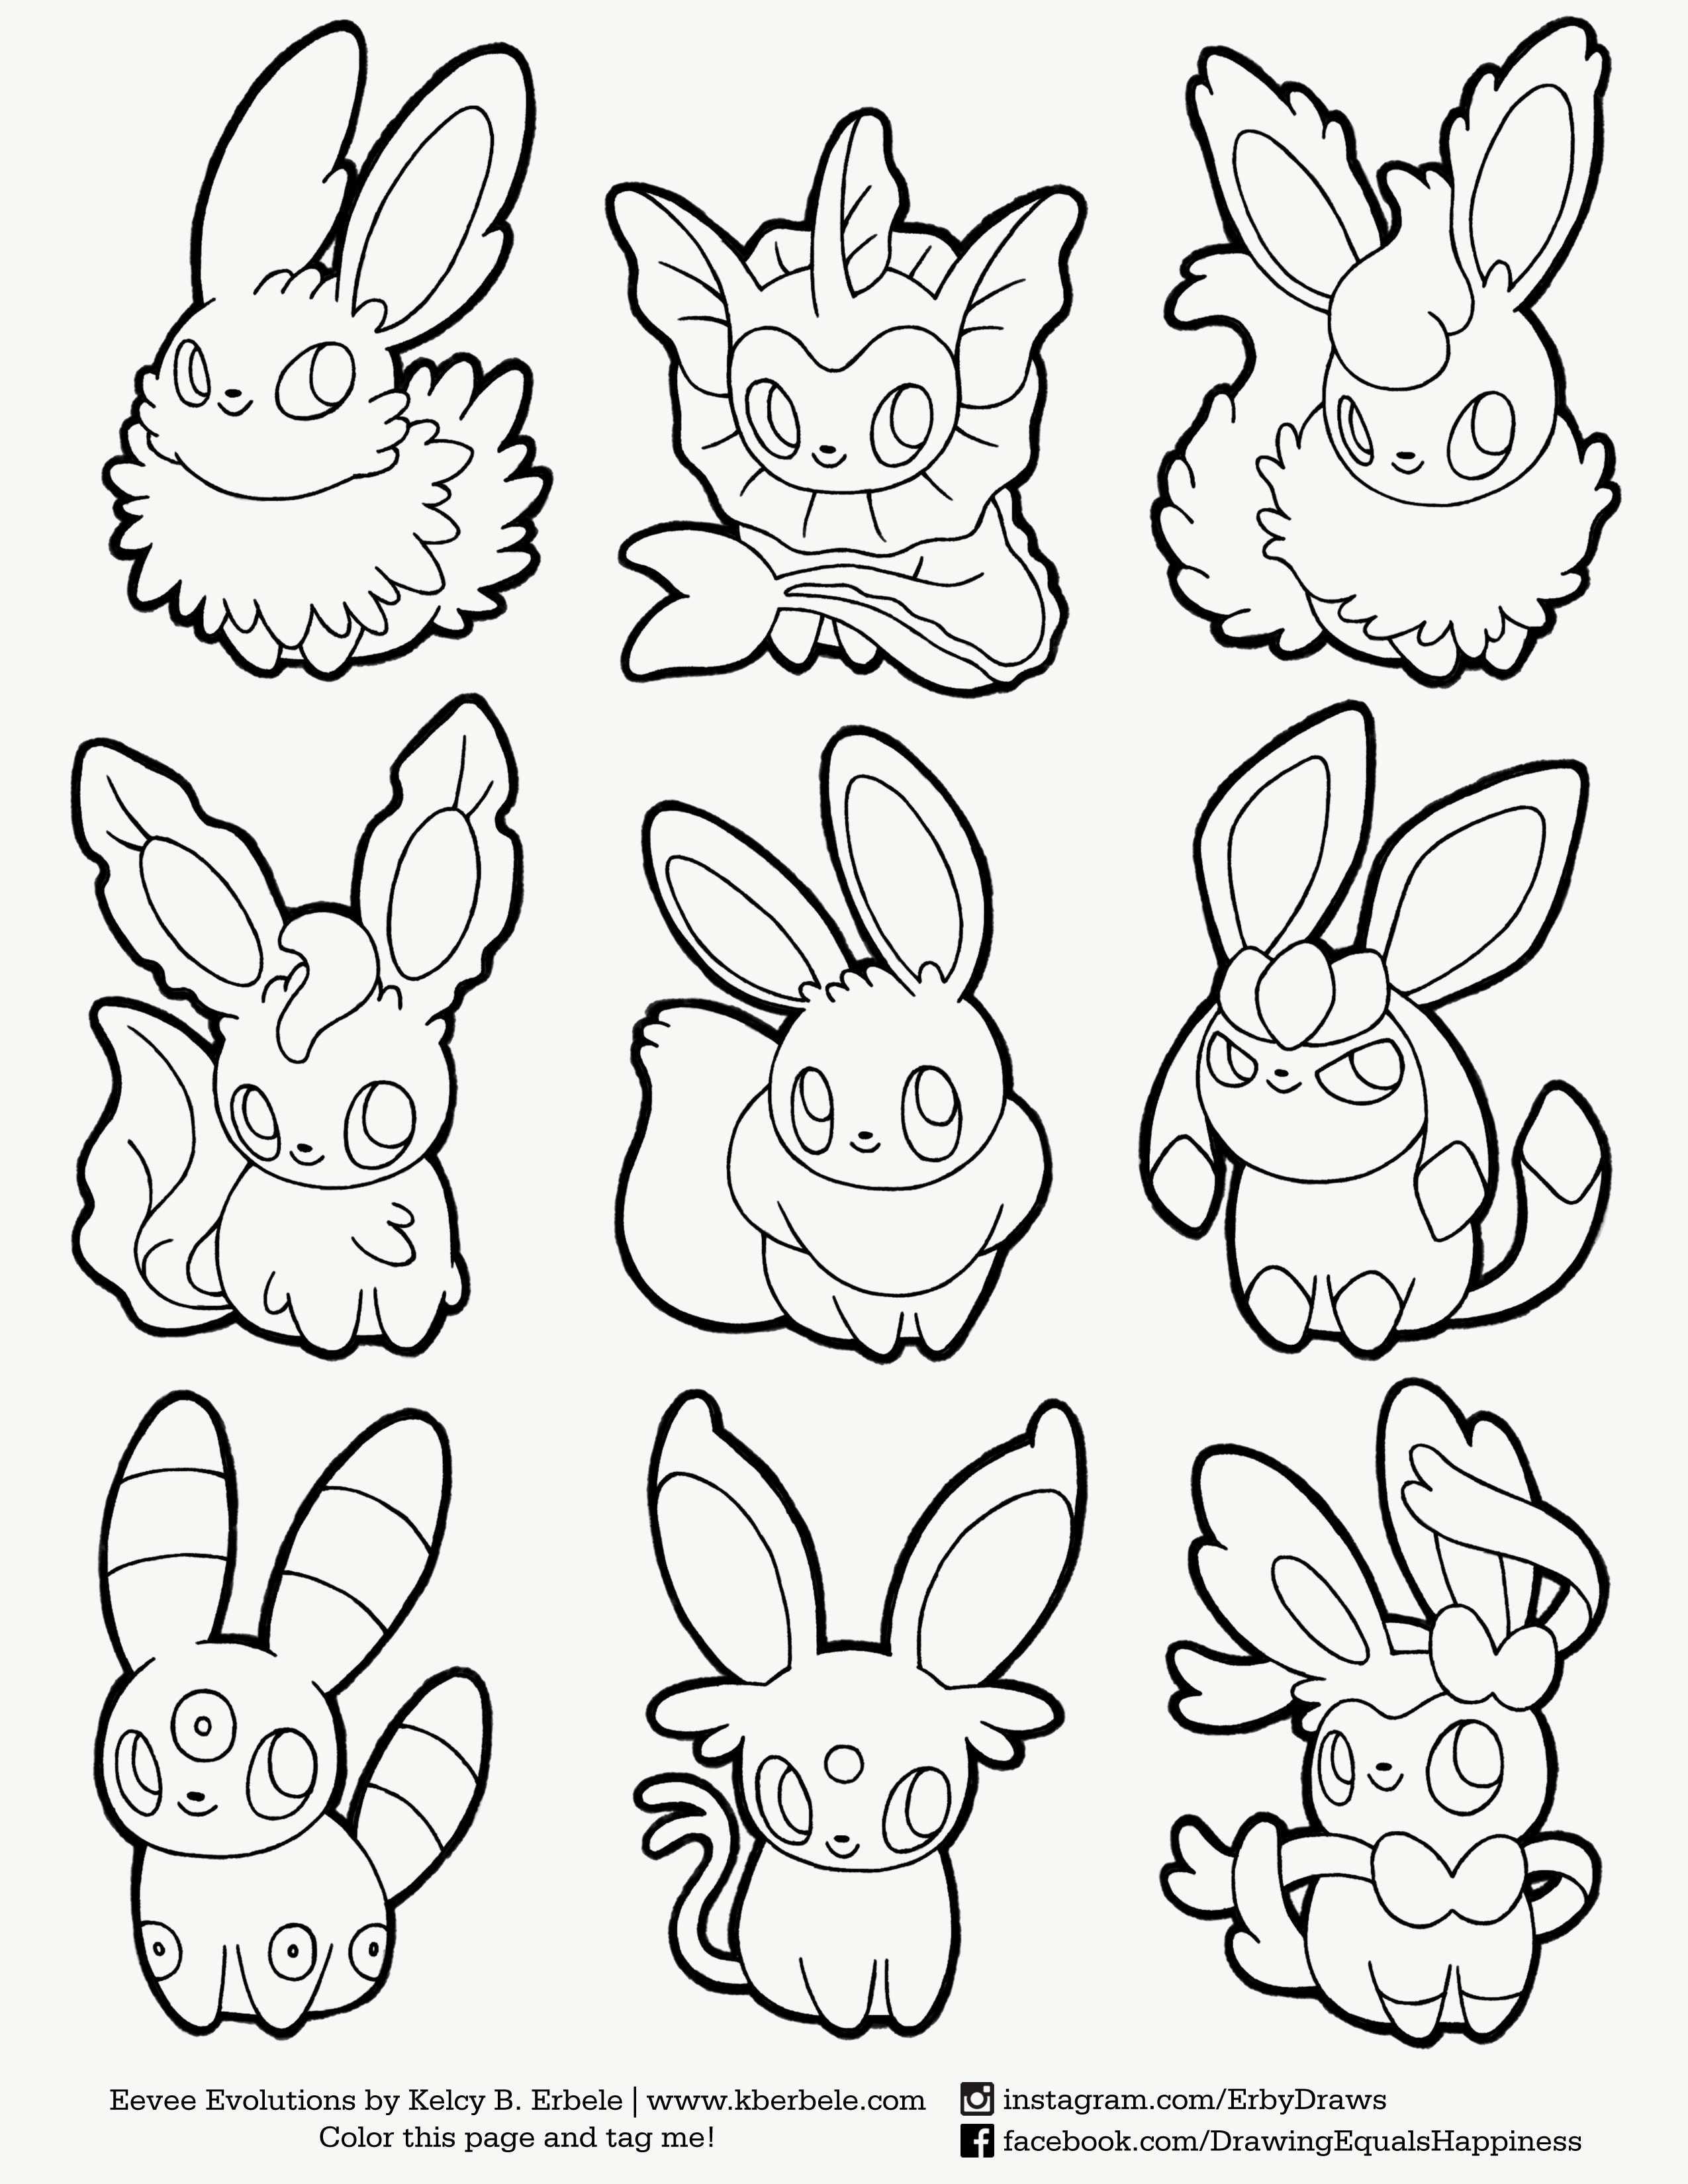 Kostenlose Ausmalbilder Pokemon Neu Coloring Pages Lucario New Bayern Ausmalbilder Frisch Igel Bild